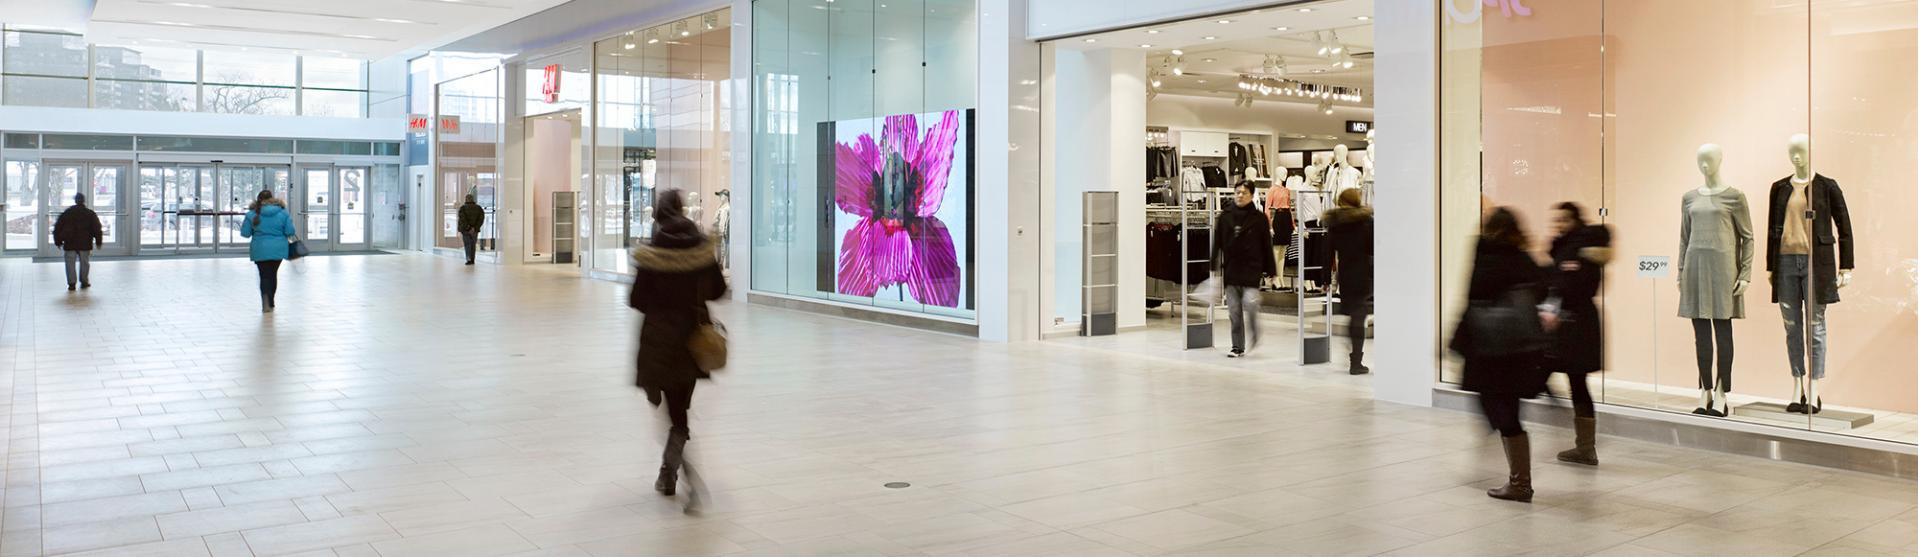 Crowds walking through H&M